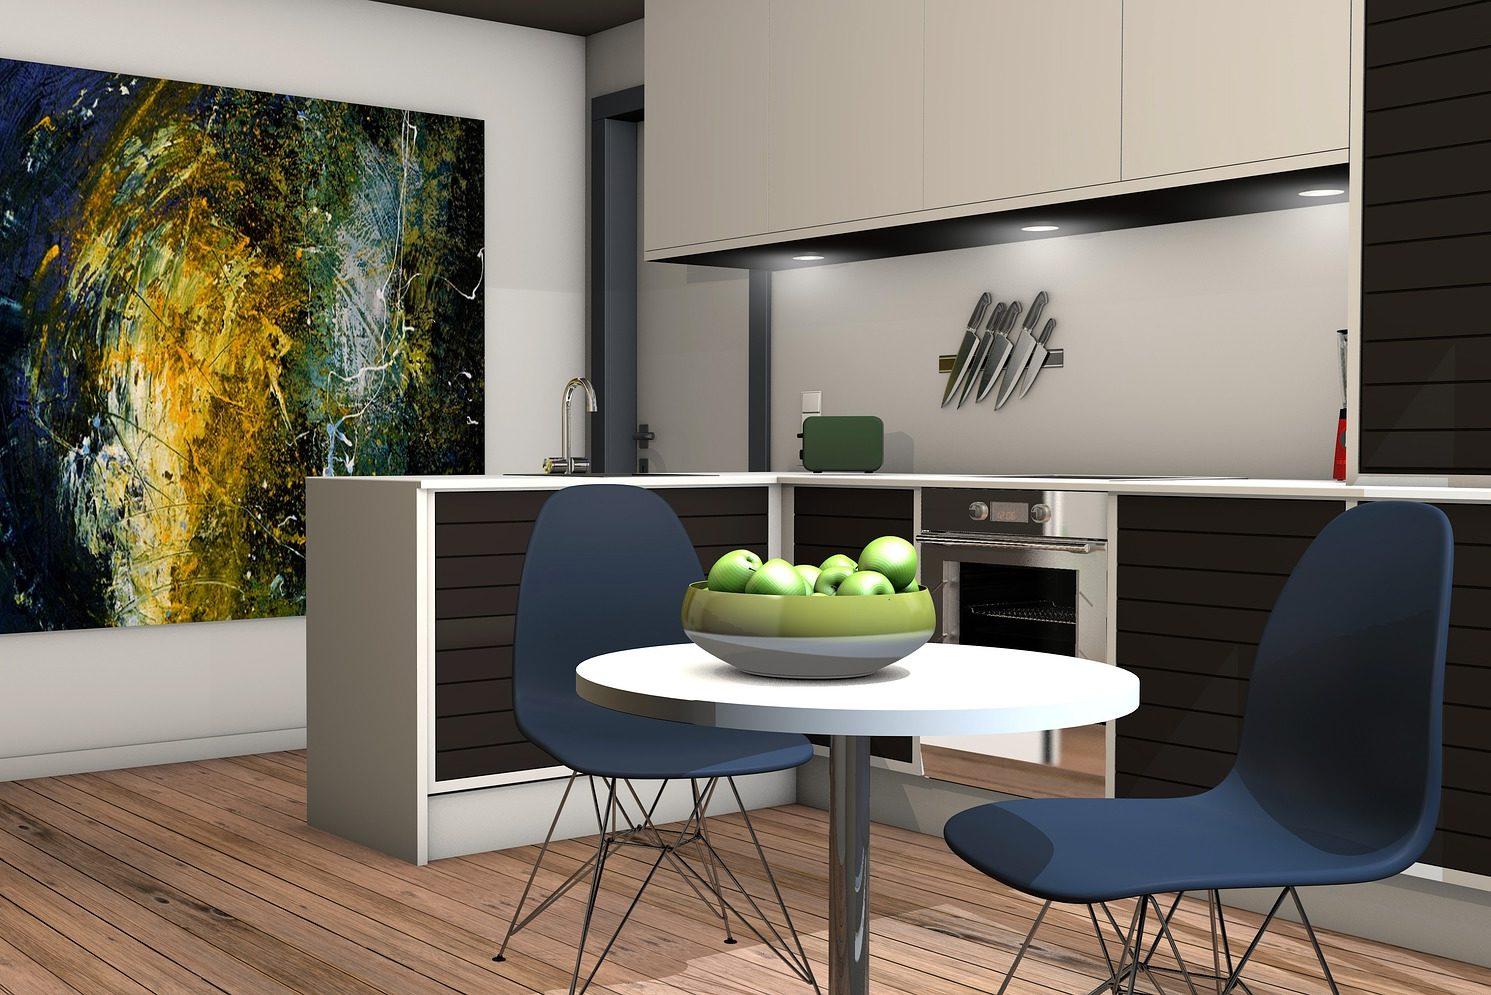 Relooker ses meubles de cuisine blm errem applicateur - Relooker ses meubles de cuisine ...